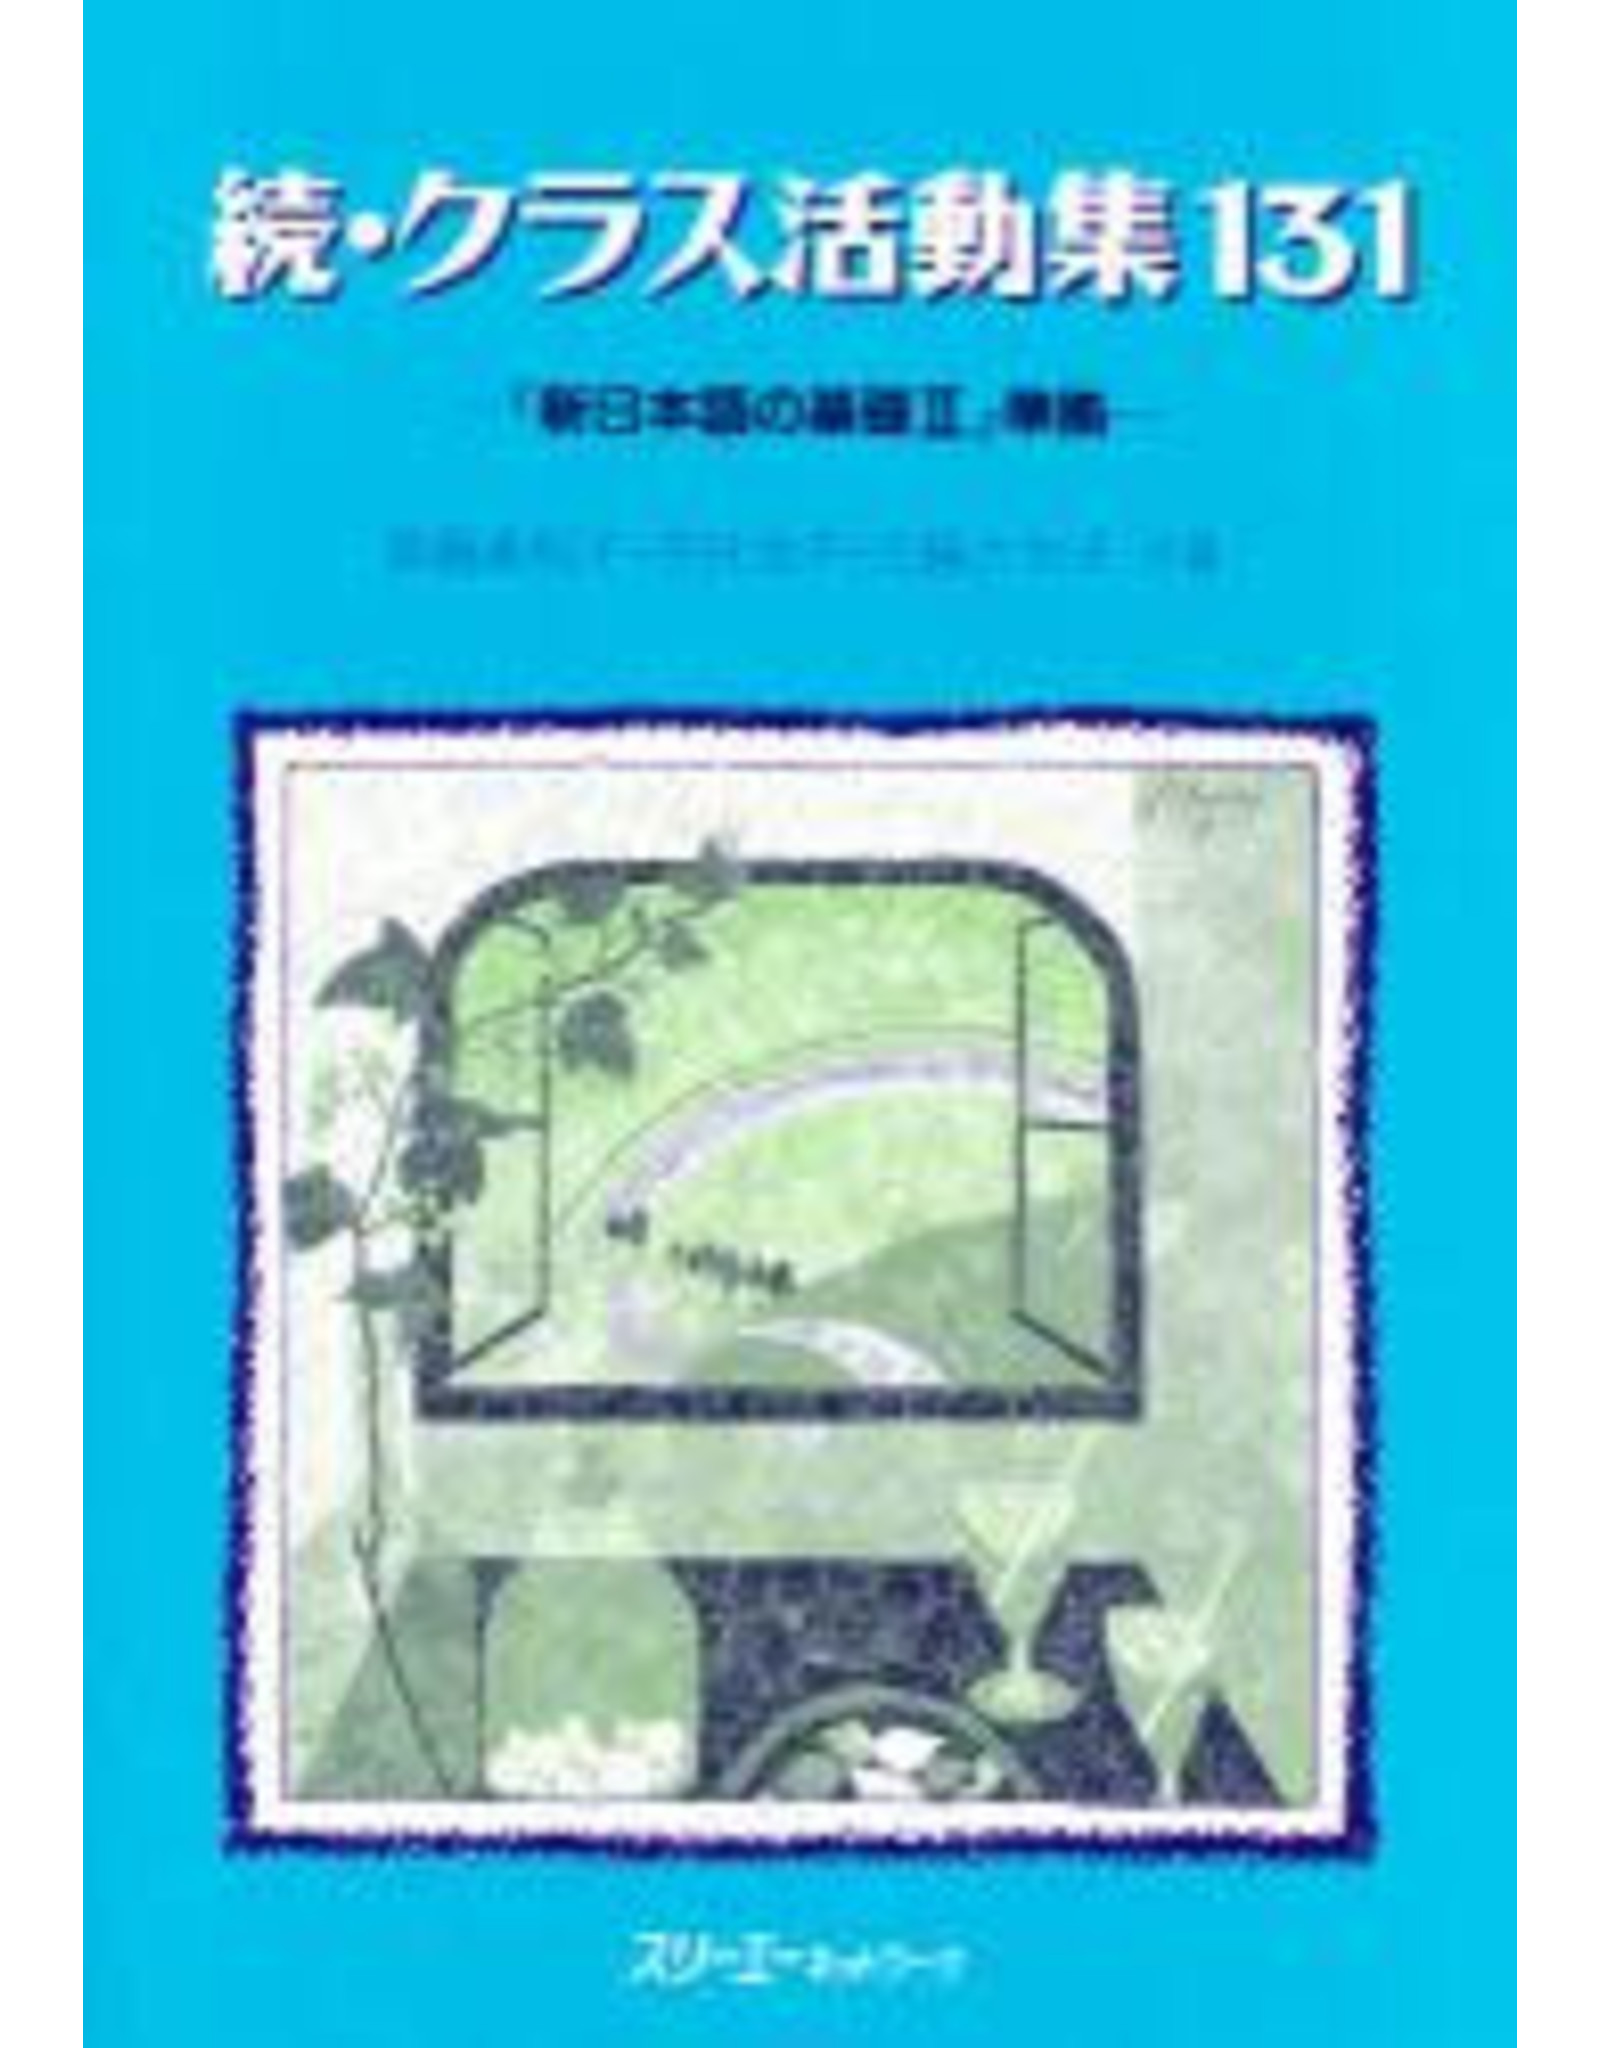 3A Corporation ZOKU CLASS KATSUDOSHU 131 : SHIN NIHONGO NO KISO JUNKYO